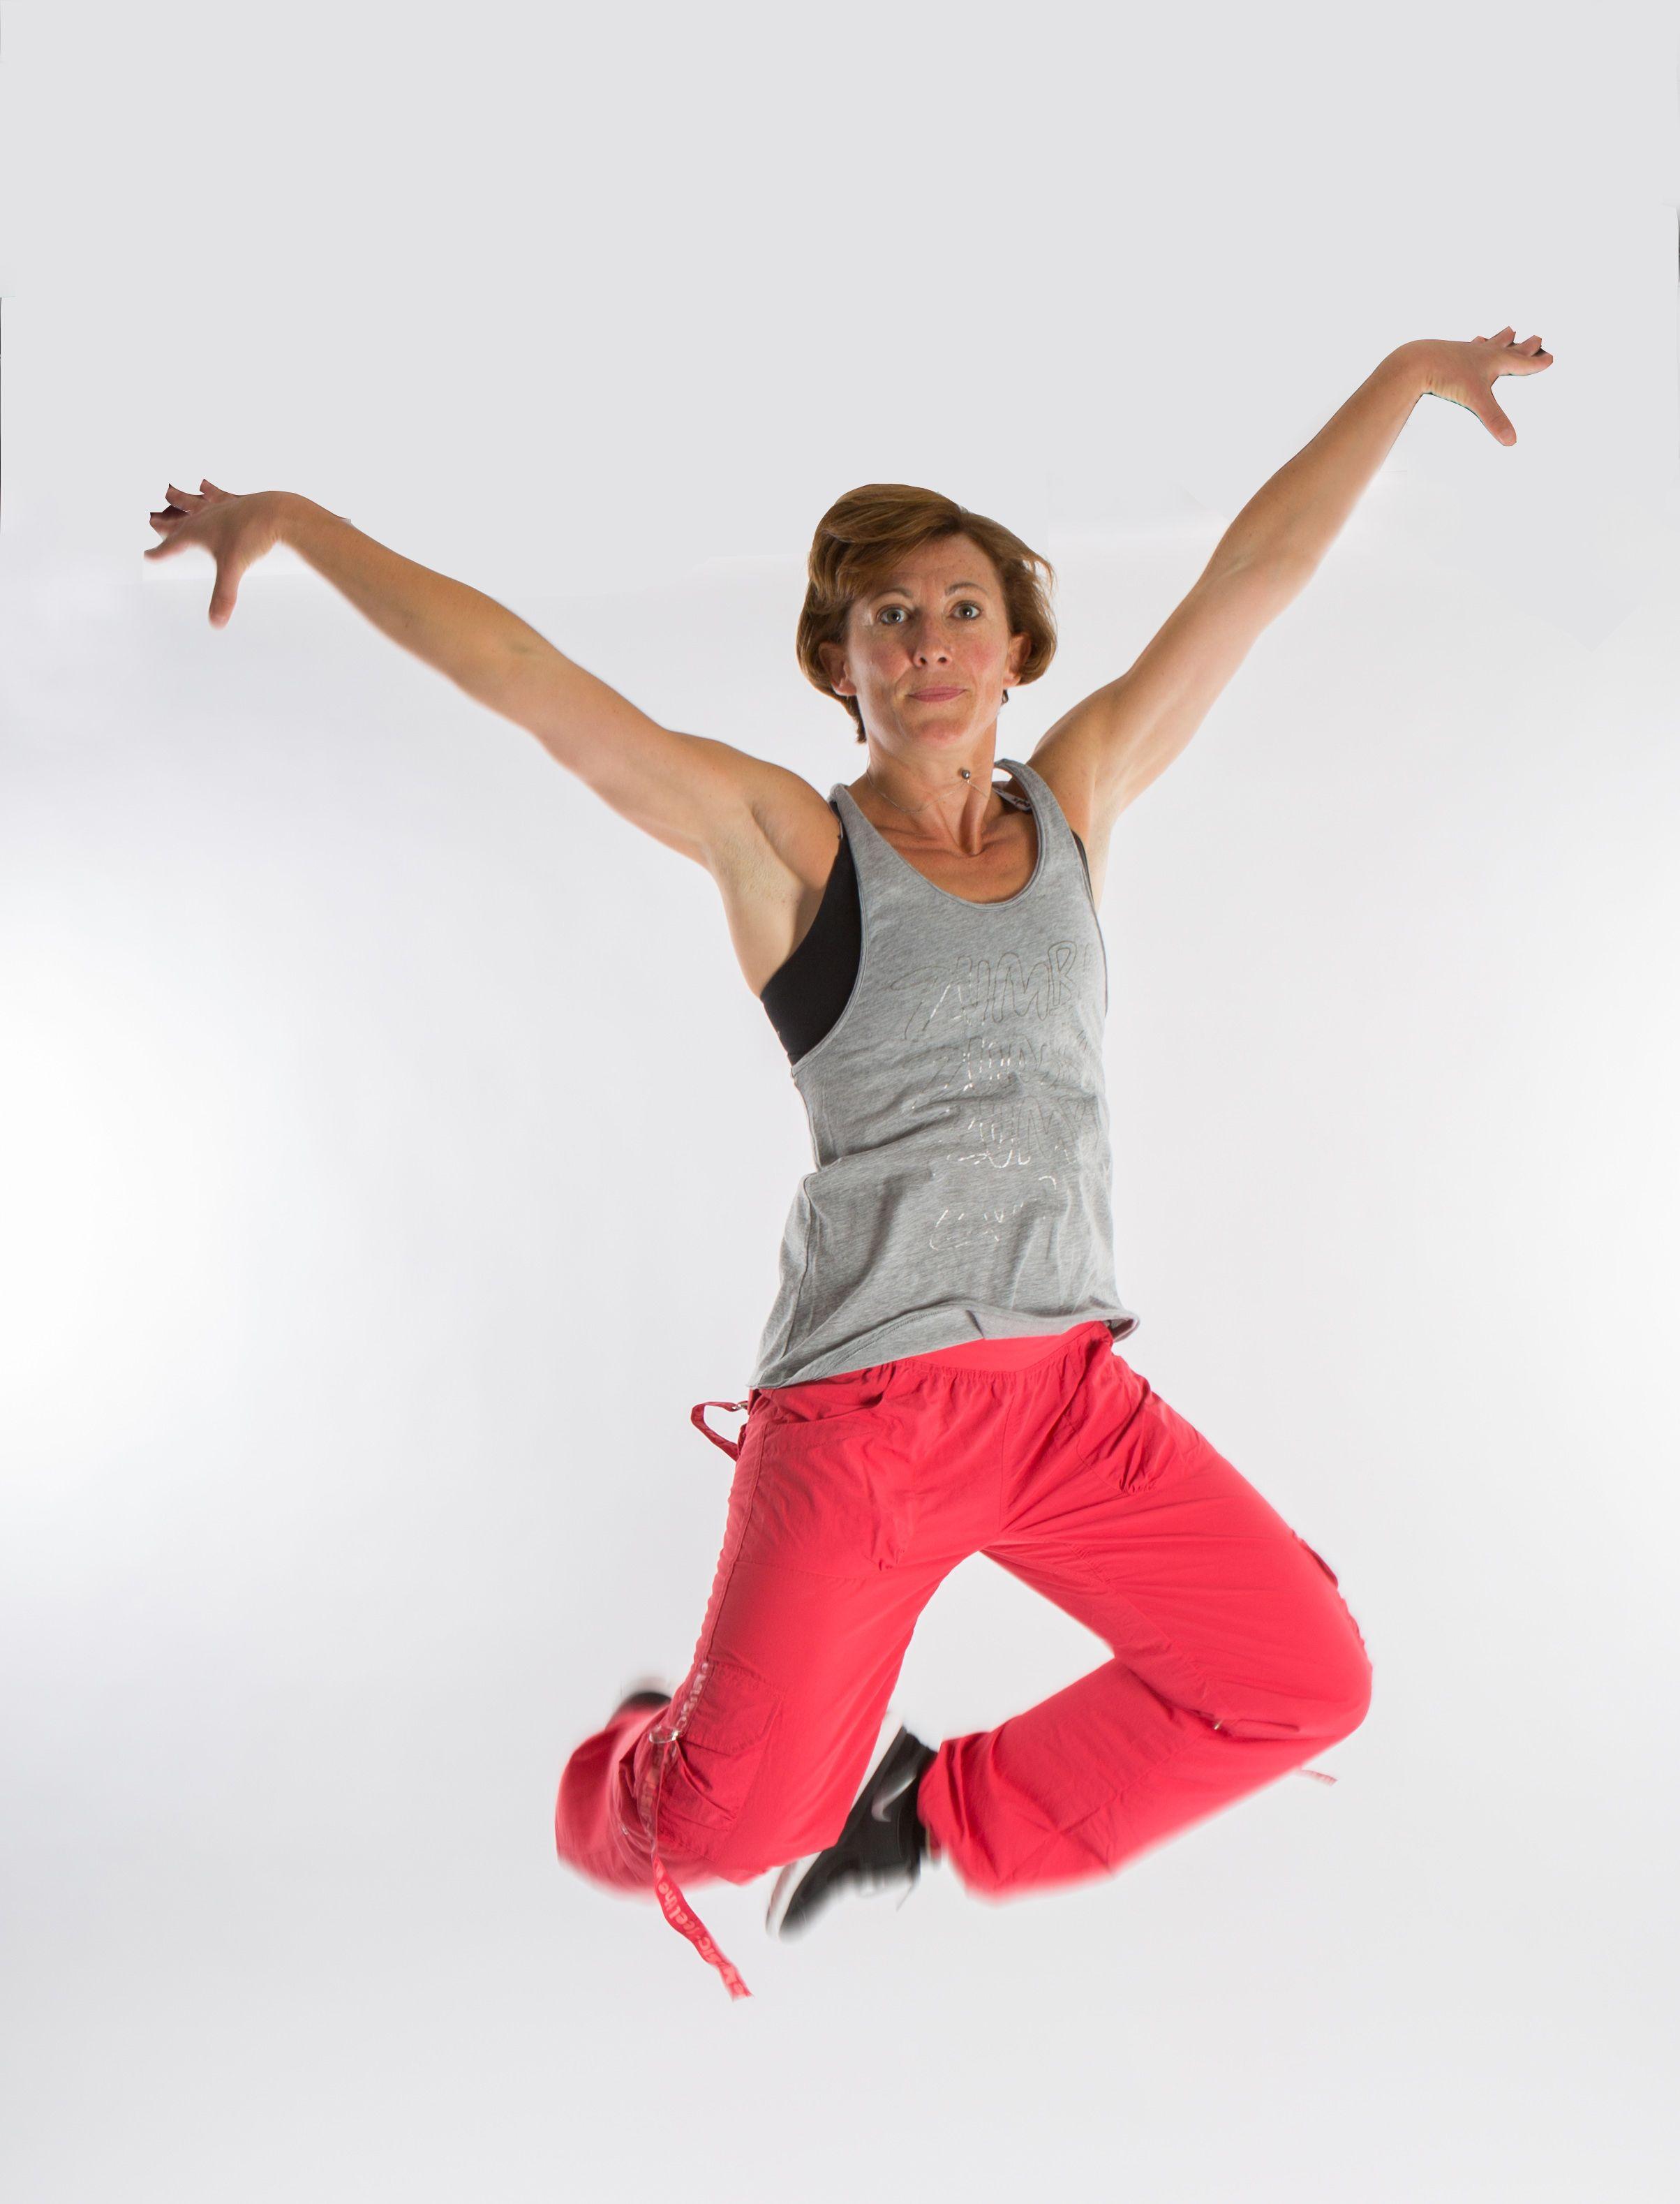 20 séances de Fitness, Pilates ou Dance image 1